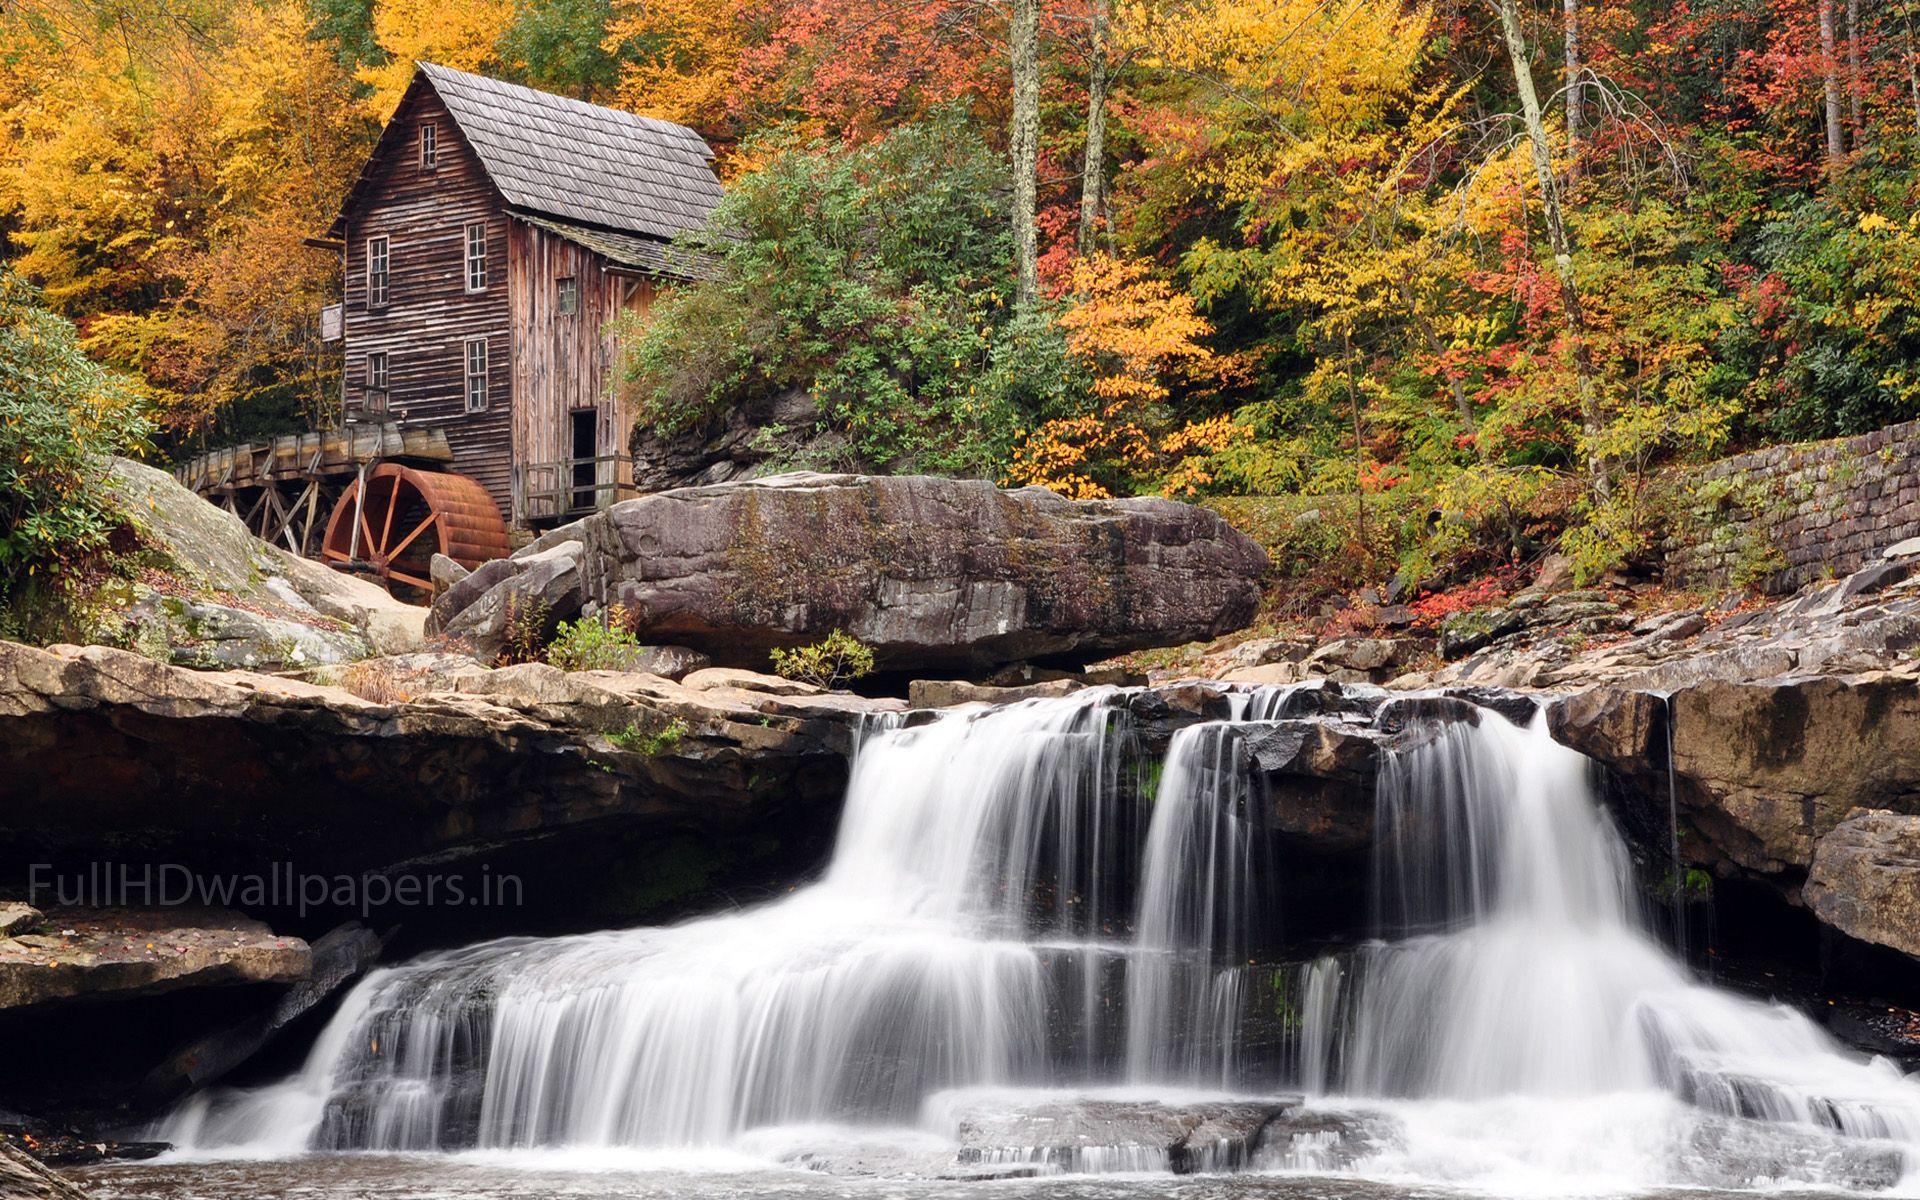 Fall Autumn House Desktop Widescreen Wallpaper Waterfall Waterfall Wallpaper Natural Homes